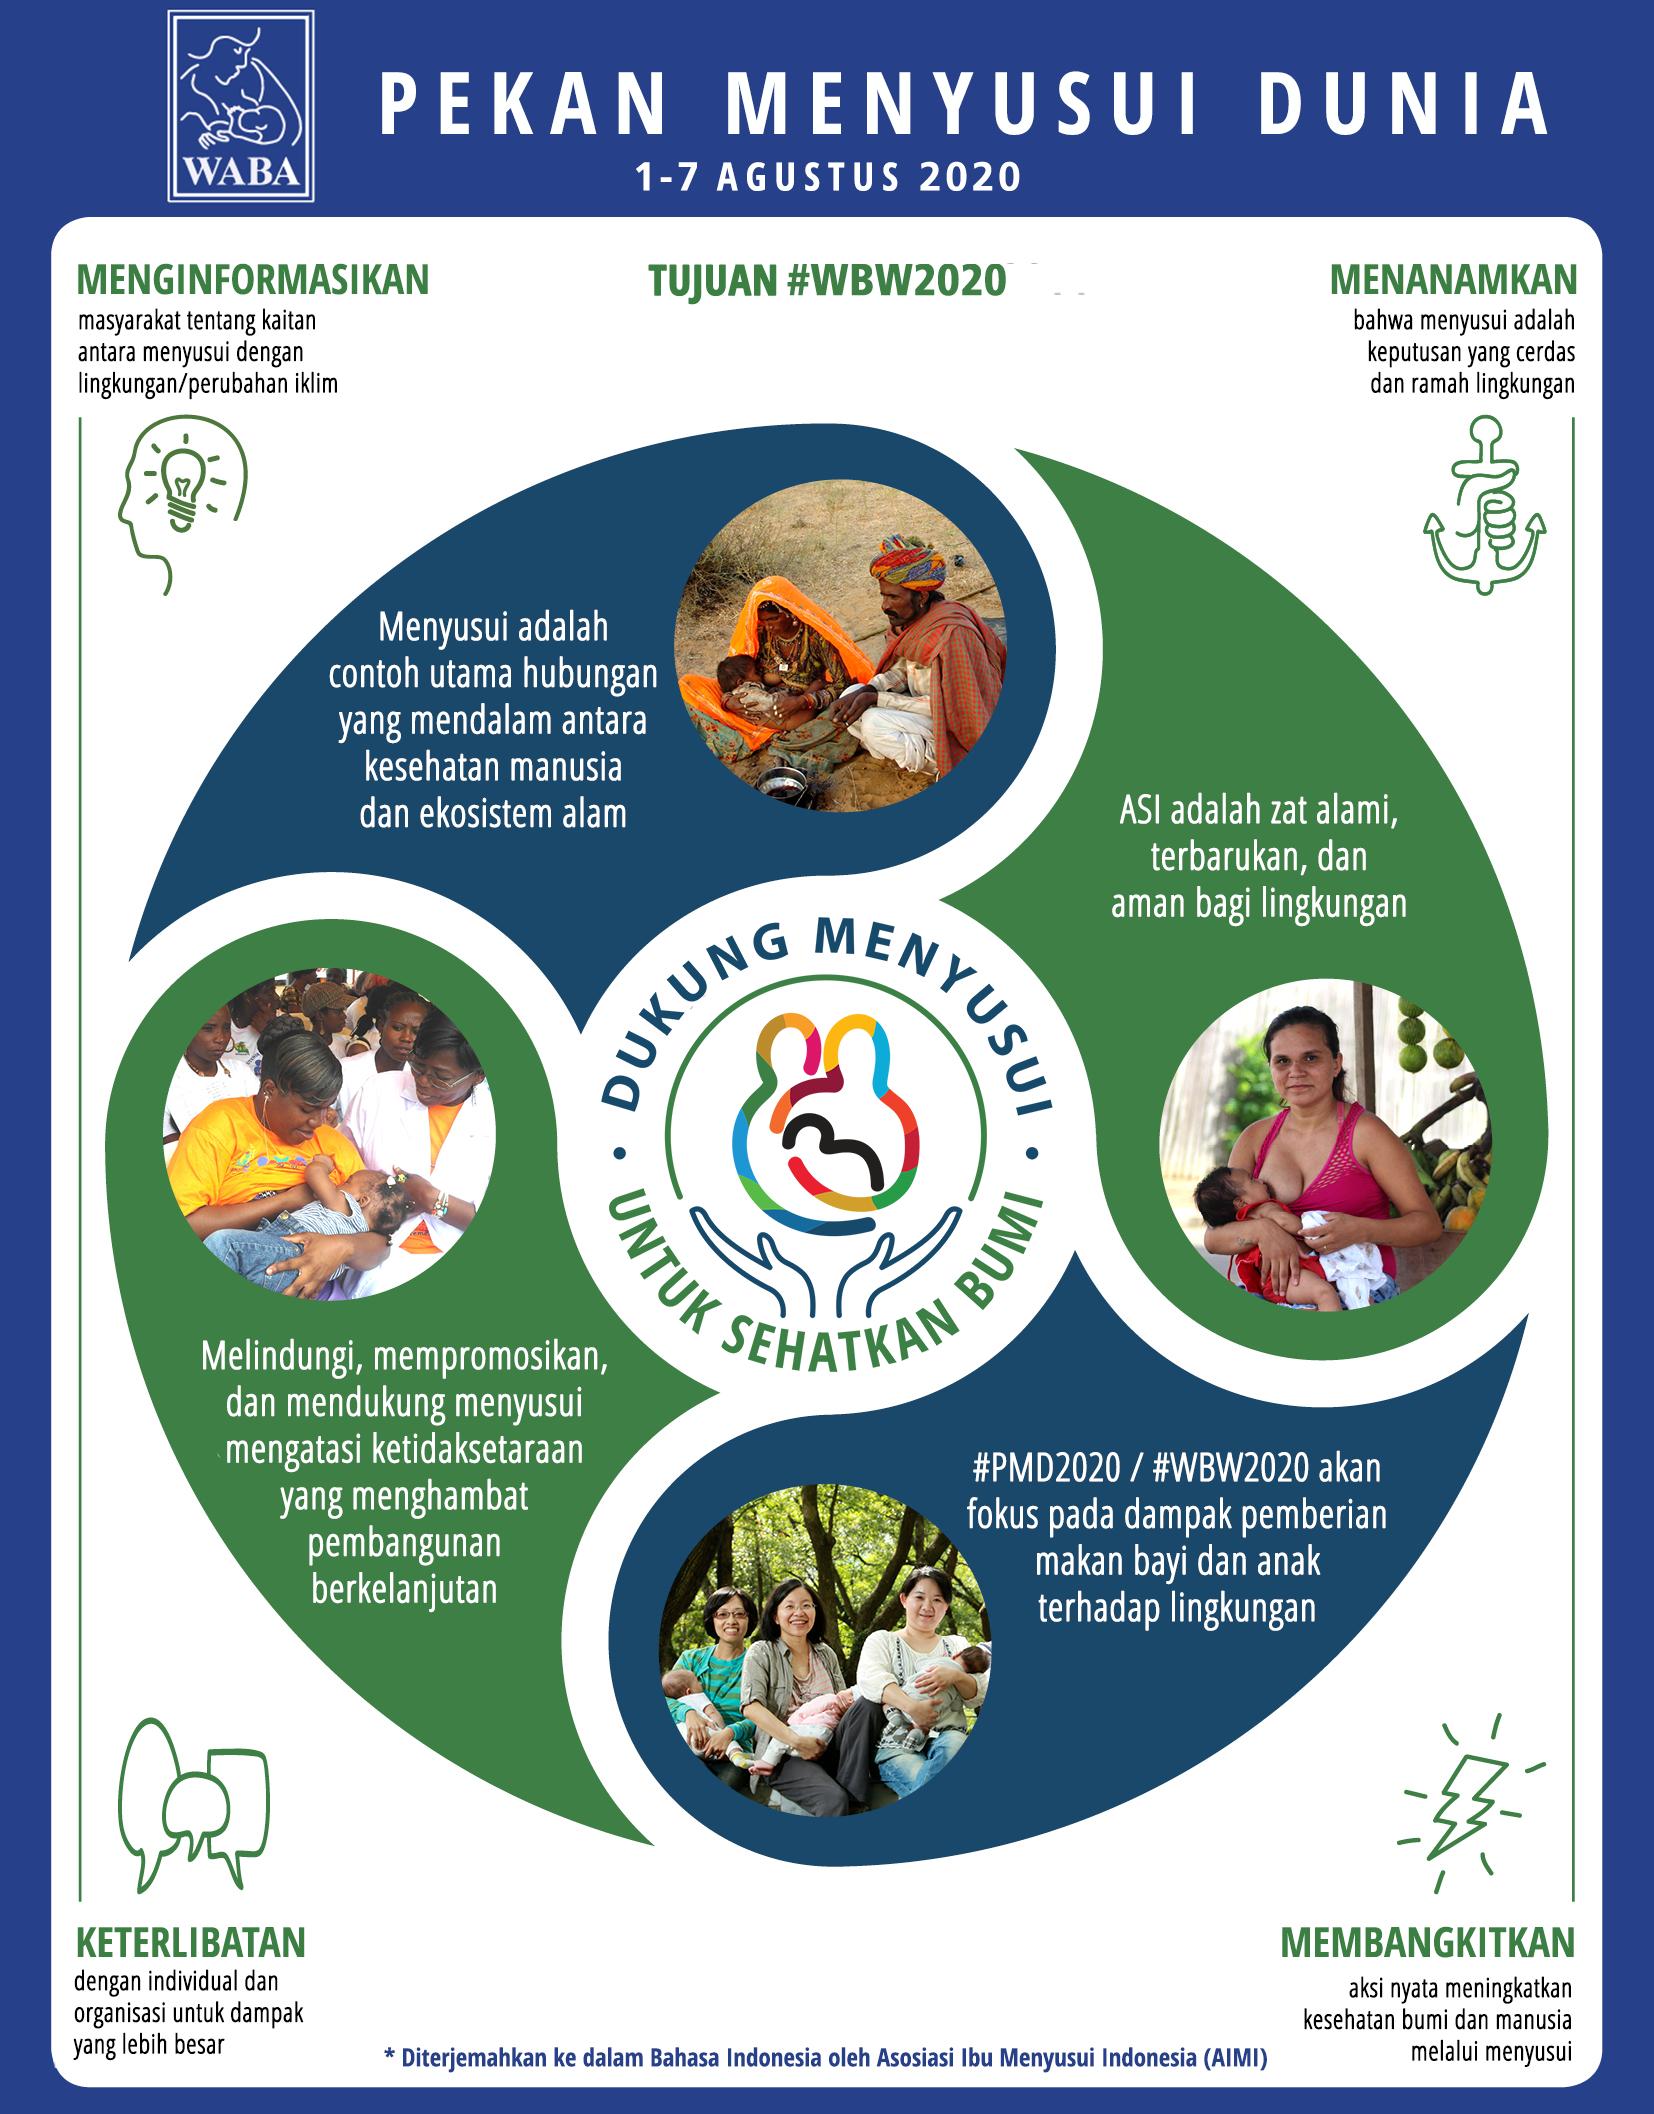 AIMI ajak publik ikut merayakan Pekan Menyusui Dunia 2020